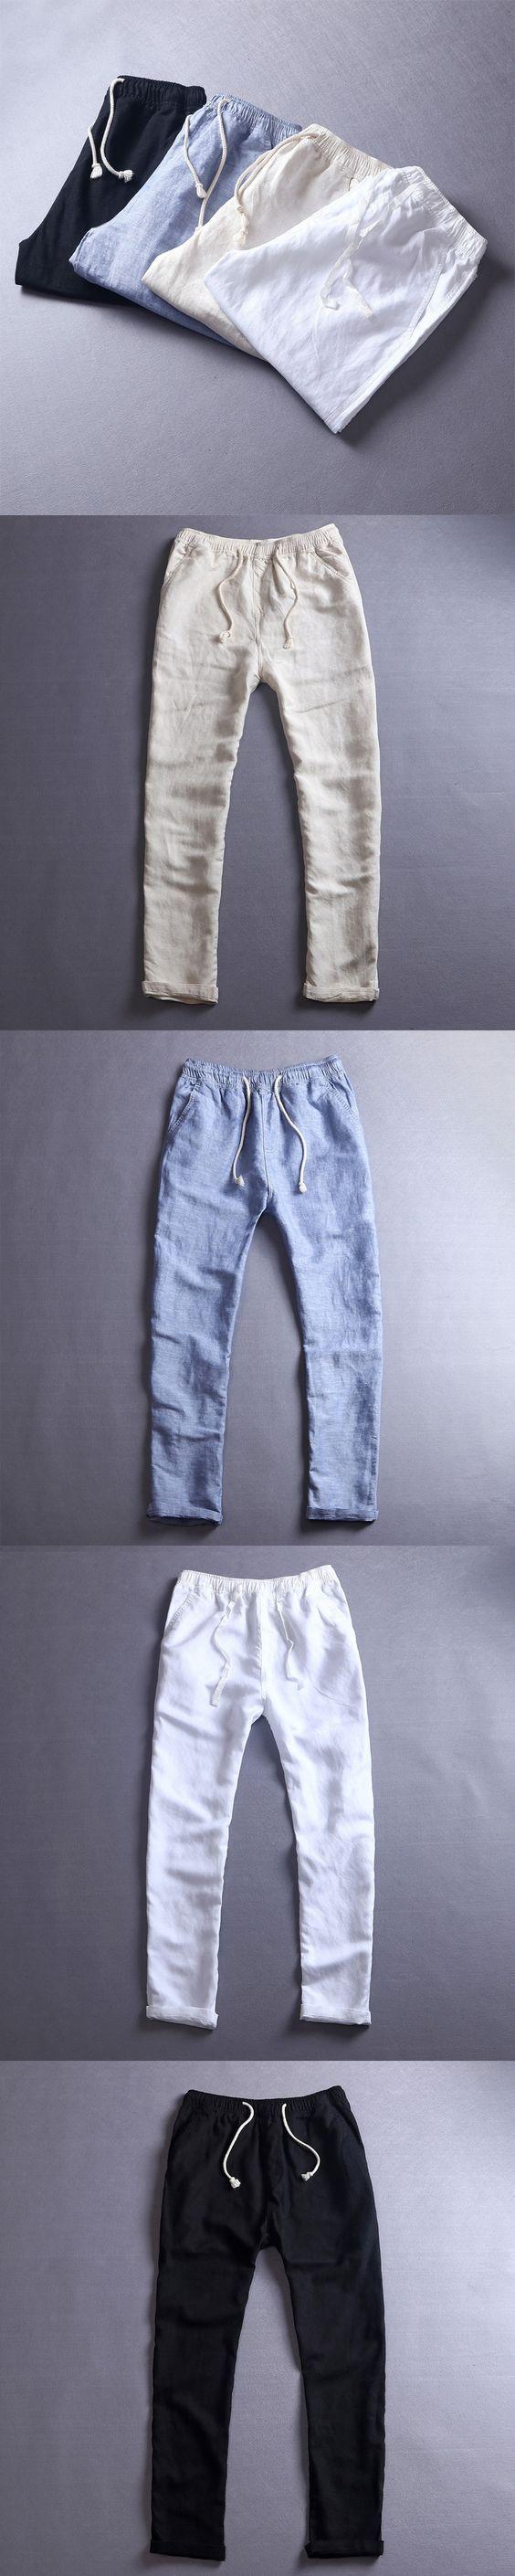 2017 Men's Summer Casual Pants Natural Cotton Linen Trousers White Linen Elastic Waist Straight Pants Y026